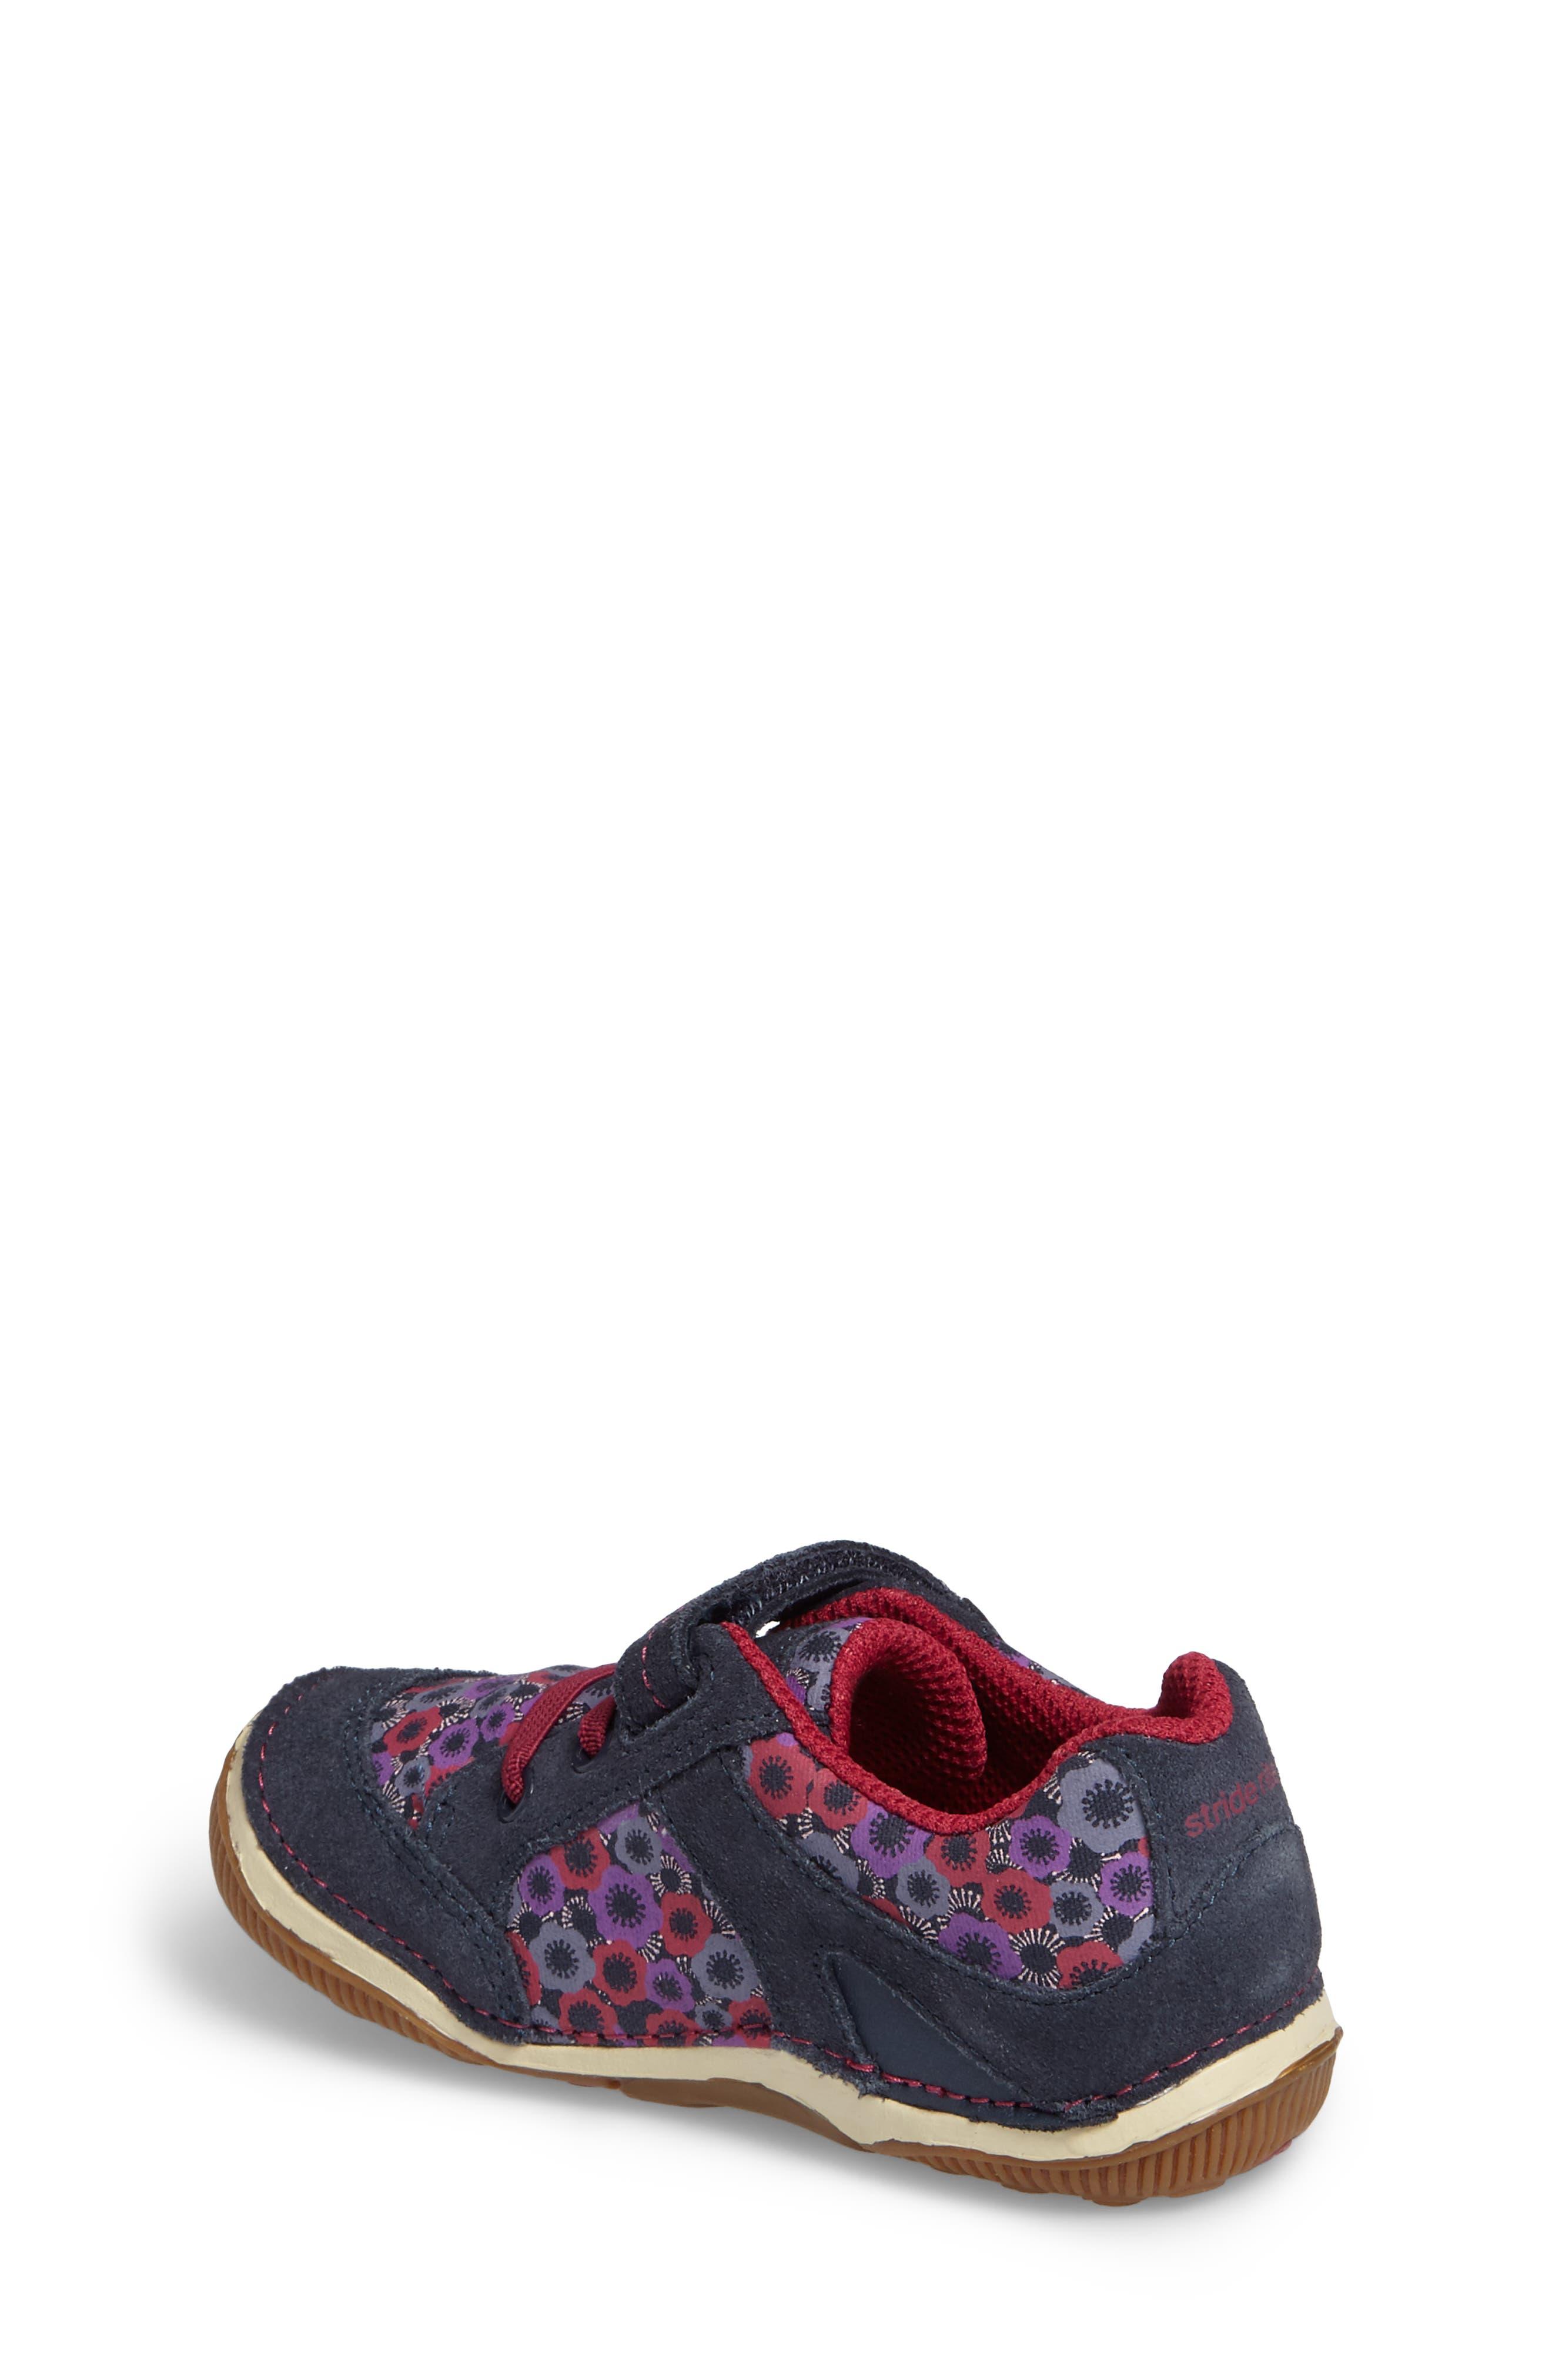 Armorie Flower Print Sneaker,                             Alternate thumbnail 2, color,                             Navy